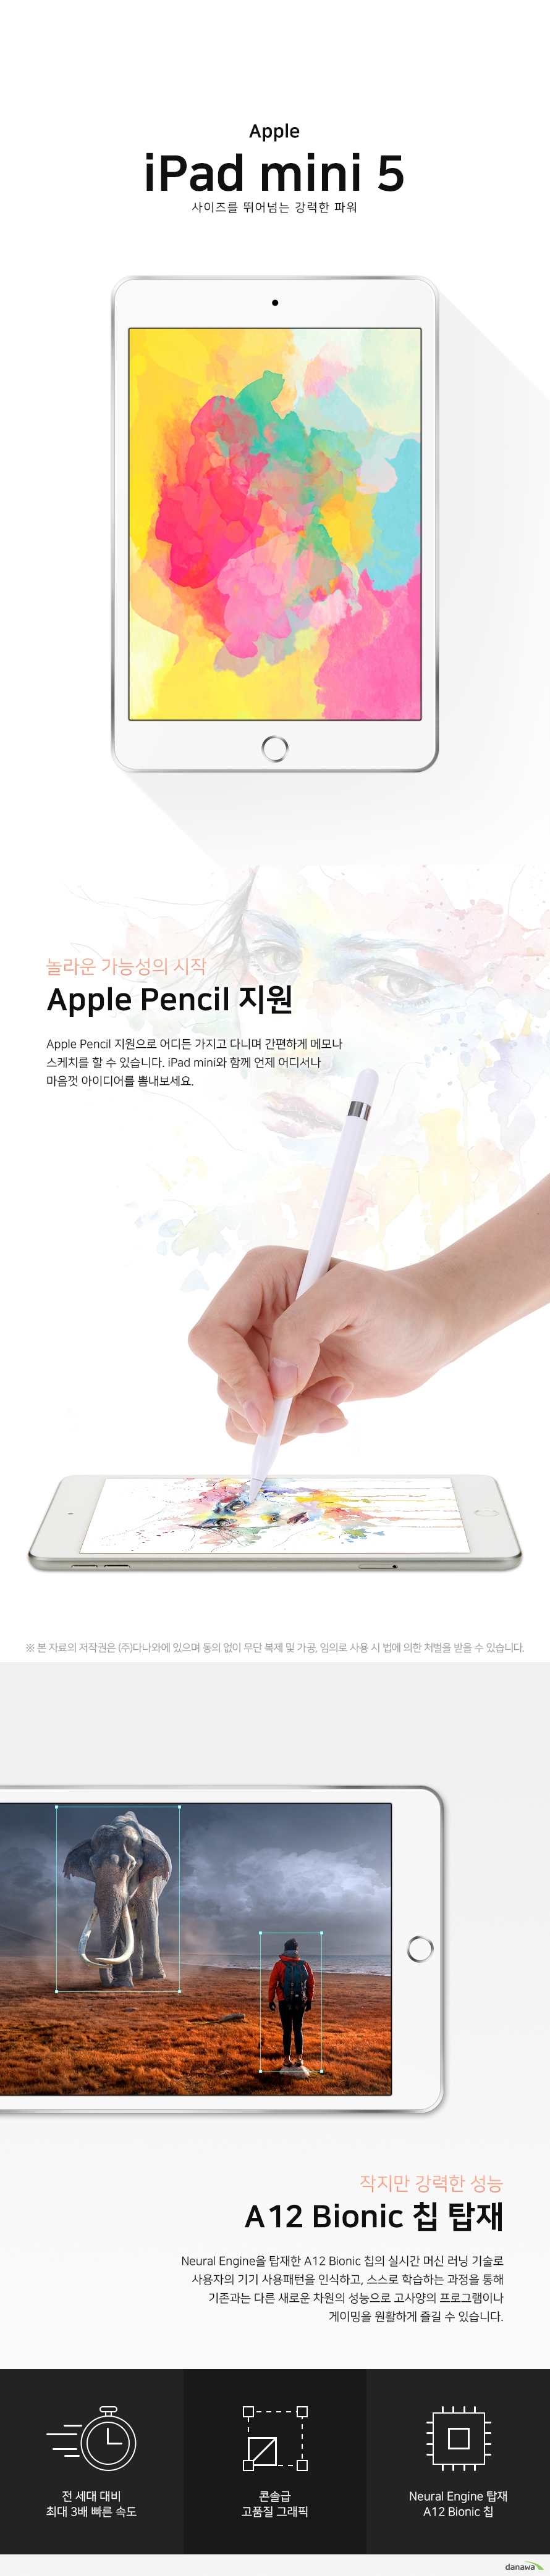 APPLE iPad mini 5 사이즈를 뛰어넘는 강력한 파워 놀라운 가능성의 시작 Apple Pencil 지원 Apple Pencil 지원으로 어디든 가지고 다니며 간편하게 메모나 스케치를 할 수 있습니다 iPad mini와 Apple Pencil과 함께 언제 어디서나 마음껏 아이디어를 뽐내보세요 작지만 강력한 성능 A12 Bionic 칩 탑재 Neural Engine을 탑재한 A12 Bionic 칩의 실시간 머신 러닝 기술로 사용자의 기기 사용 패턴을 인식하고 스스로 학습하는 과정을 통해 기존과는 다른 새로운 차원의 성능으로 고사양의 프로그램이나 게이밍을 원활하게 즐길 수 있습니다 전 세대 대비 최대 3배 빠른 속도 콘솔급 고품질 그래픽 Neural Engine 탑재 A12 Bionic 칩 우수한 몰입감 고품질 픽셀 Retina 디스플레이 넓은 색 영역 또렷한 텍스트 우수한 몰입감을 자랑하는 7점 9형 디스플레이에 300만 개 이상의 고품질 픽셀을 빼곡히 담았습니다 반사방지 코팅으로 더욱 생생하고 사실적인 디테일의 생생한 그래픽을 느껴보세요 자연스러운 밸런스 True Tone 기술 주변 조명의 색온도에 맞게 자동으로 화이트 밸런스를 조절하여 자연스러운 화면을 구현해주는 기술로, 눈의 피로 감소 및 정확한 색 표현을 보여줍니다 내 손에 딱 맞는 크기 우수한 휴대성 가벼운 무게와 얇은 두께의 휴대하기 간편한 크기로 가지고 다니며 작업이 가능합니다 언제 어디서나 iPad mini와 함께하며 아이디어가 떠오를 때마다 바로 꺼내 사용해보세요 300점 5g 가벼운 무게 6점 1mm 슬림한 두께 촬영과 소통을 함께하는 HD AR 카메라 iPad mini 앞뒷면 카메라는 고품질의 사진 영상 등을 촬영하고 편집할 수 있습니다 뿐만 아니라 FaceTime 통화 문서 스캔 및 주석 달기 증강 현실을 활용한 인테리어 계획 세우기 등 특별한 기능을 통해 다양하게 즐길 수 있습니다 간편하고 안전한 보안 Touch ID 센서 iPad mini 홈버튼에 있는 Touch ID 센서 위에 손가락을 올려서 안전하고 간편하게 잠금을 해제하세요 Apple의 강력한 개인 정보 보호 및 보안 설계로 안심하고 사용할 수 있습니다 Specification 화면 정보 화면 크기 20cm 7점 9인치 디스플레이 IPS LCD 해상도 2048 x 1536 ppi 326ppi 시스템 정보 CPU 제조사 애플 CPU 명 A12 코어 수 헥사 6 코어 코어 클럭 2점 5GHz 1점 53GHz RAM 용량 3GB 저장 용량 내장 256GB 추가 메모리 슬롯 micro SD 미지원 네트워크 규격 태블릿 통신 Wi Fi 전용 Wi Fi 주파수 802점 11 a b g ac 블루투스 버전 블루투스 v5 점 0 카메라 성능 후면 카메라 800만 화소 전면 카메라 700만 화소 카메라 플래시 LED 플래시 미지원 4K 촬영 불가능 단자 배터리 USB 충전 단자 라이트닝 8핀 USB 풀사이즈 미지원 HDMI 미지원 MHL 미지원 전용 터치펜 별매 전용 키보드 미지원 배터리 용량 19점 1Wh 배터리 사용 시간 최대 10시간 기본 정보 가로 134점 8mm 세로 203점 2mm 두께 6점 1mm 무게 300점 5g 센서 자이로 센서 지문 인식 가속도 센서 나침반 센서 적합성 평가 인증 판매 사이트 문의 안전 확인 인증 판매 사이트 문의 제품의 외관 사양 등은 제품 개선을 위해 사전 예고 없이 변경될 수 있습니다